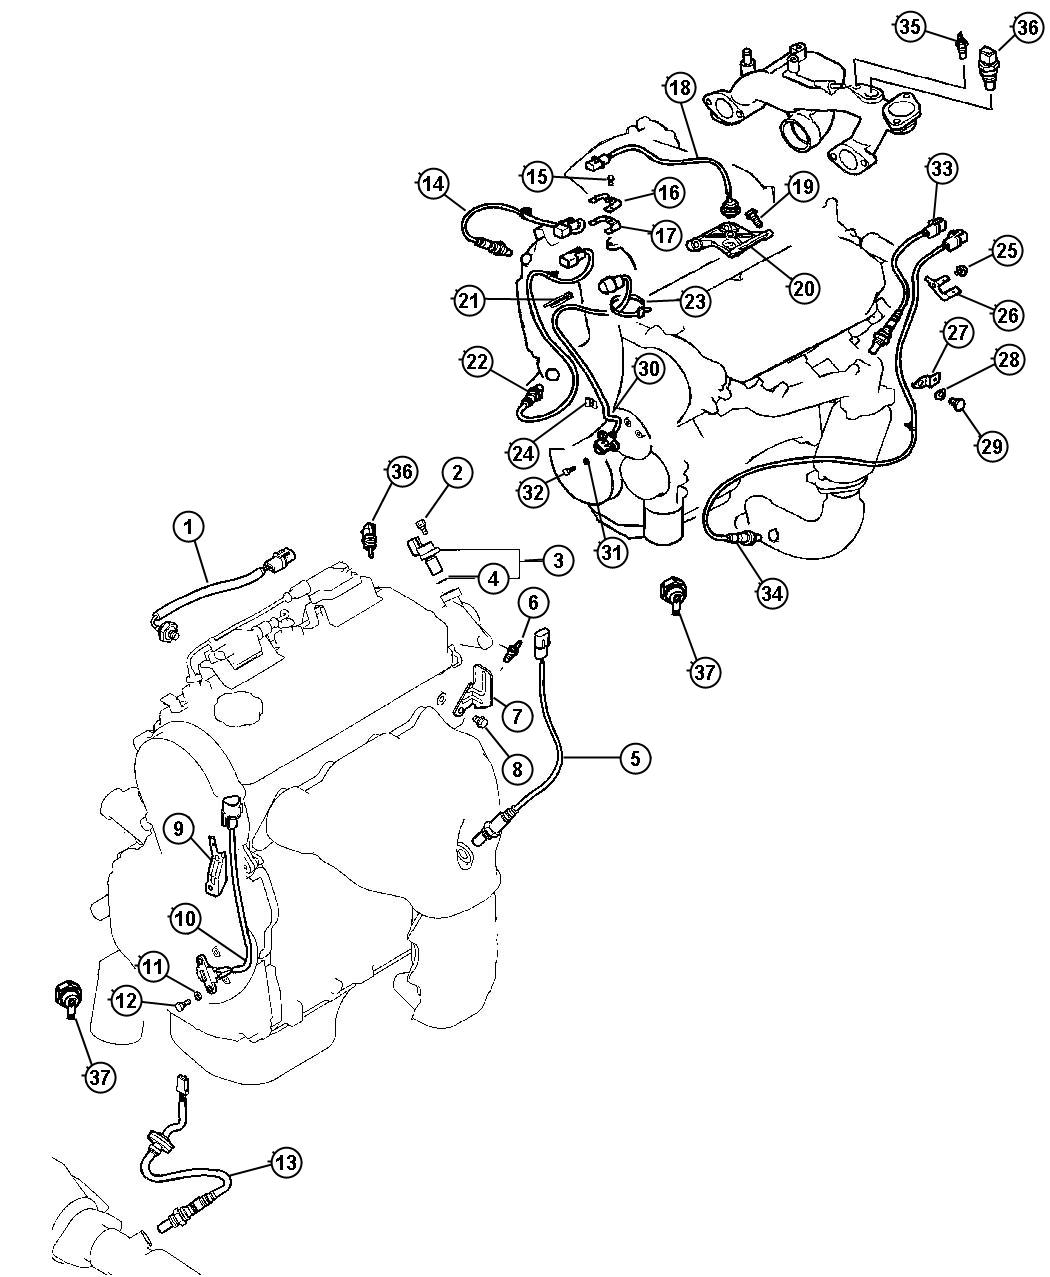 Chrysler Sebring Bracket Knock Sensor